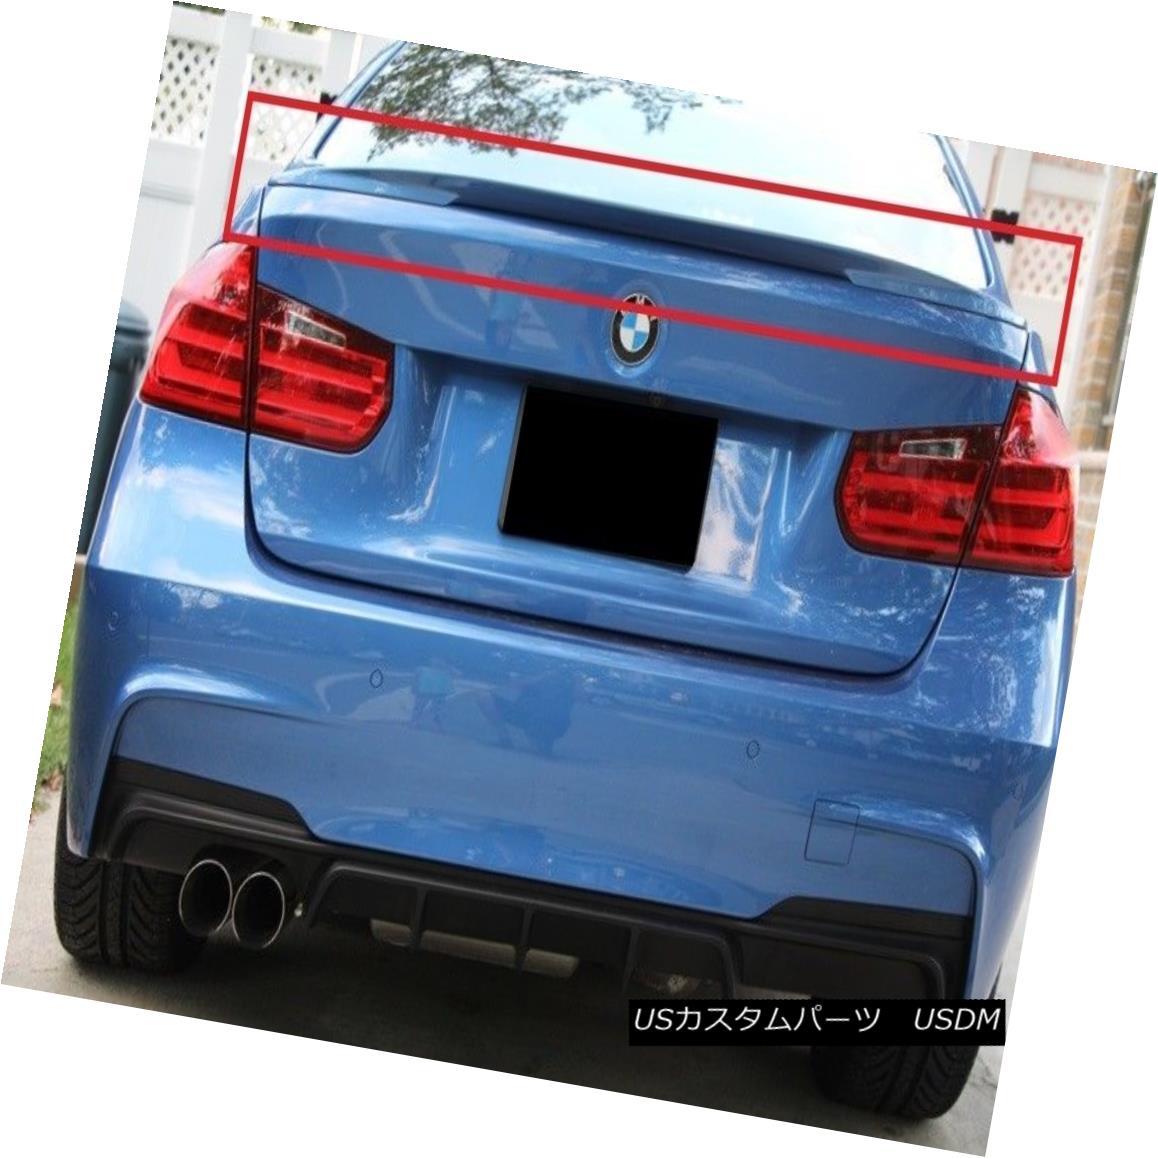 エアロパーツ BMW 3 SERIES F30 REAR BOOT TRUNK LIP SPOILER PERFORMANCE LOOK BMW 3シリーズF30リア・ブーツ・トランク・リップ・スポイラー・パフォーマンス・ルック